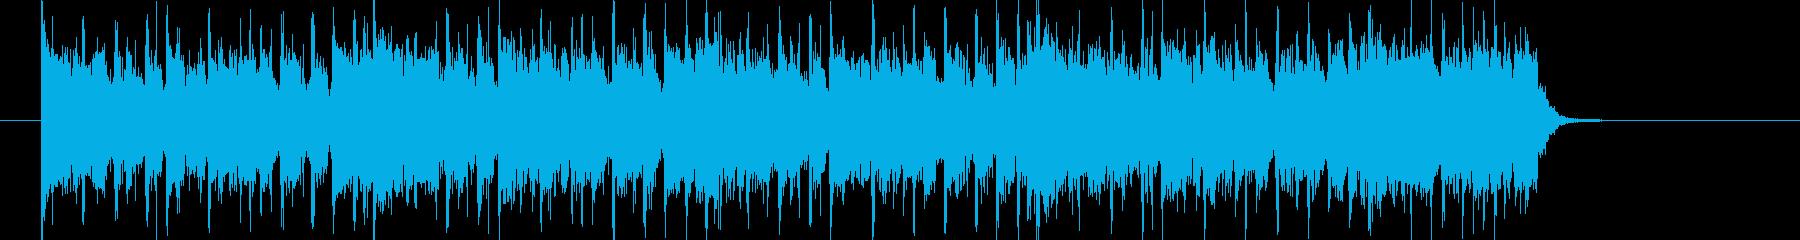 ベース音が印象的なシンセミュージックの再生済みの波形